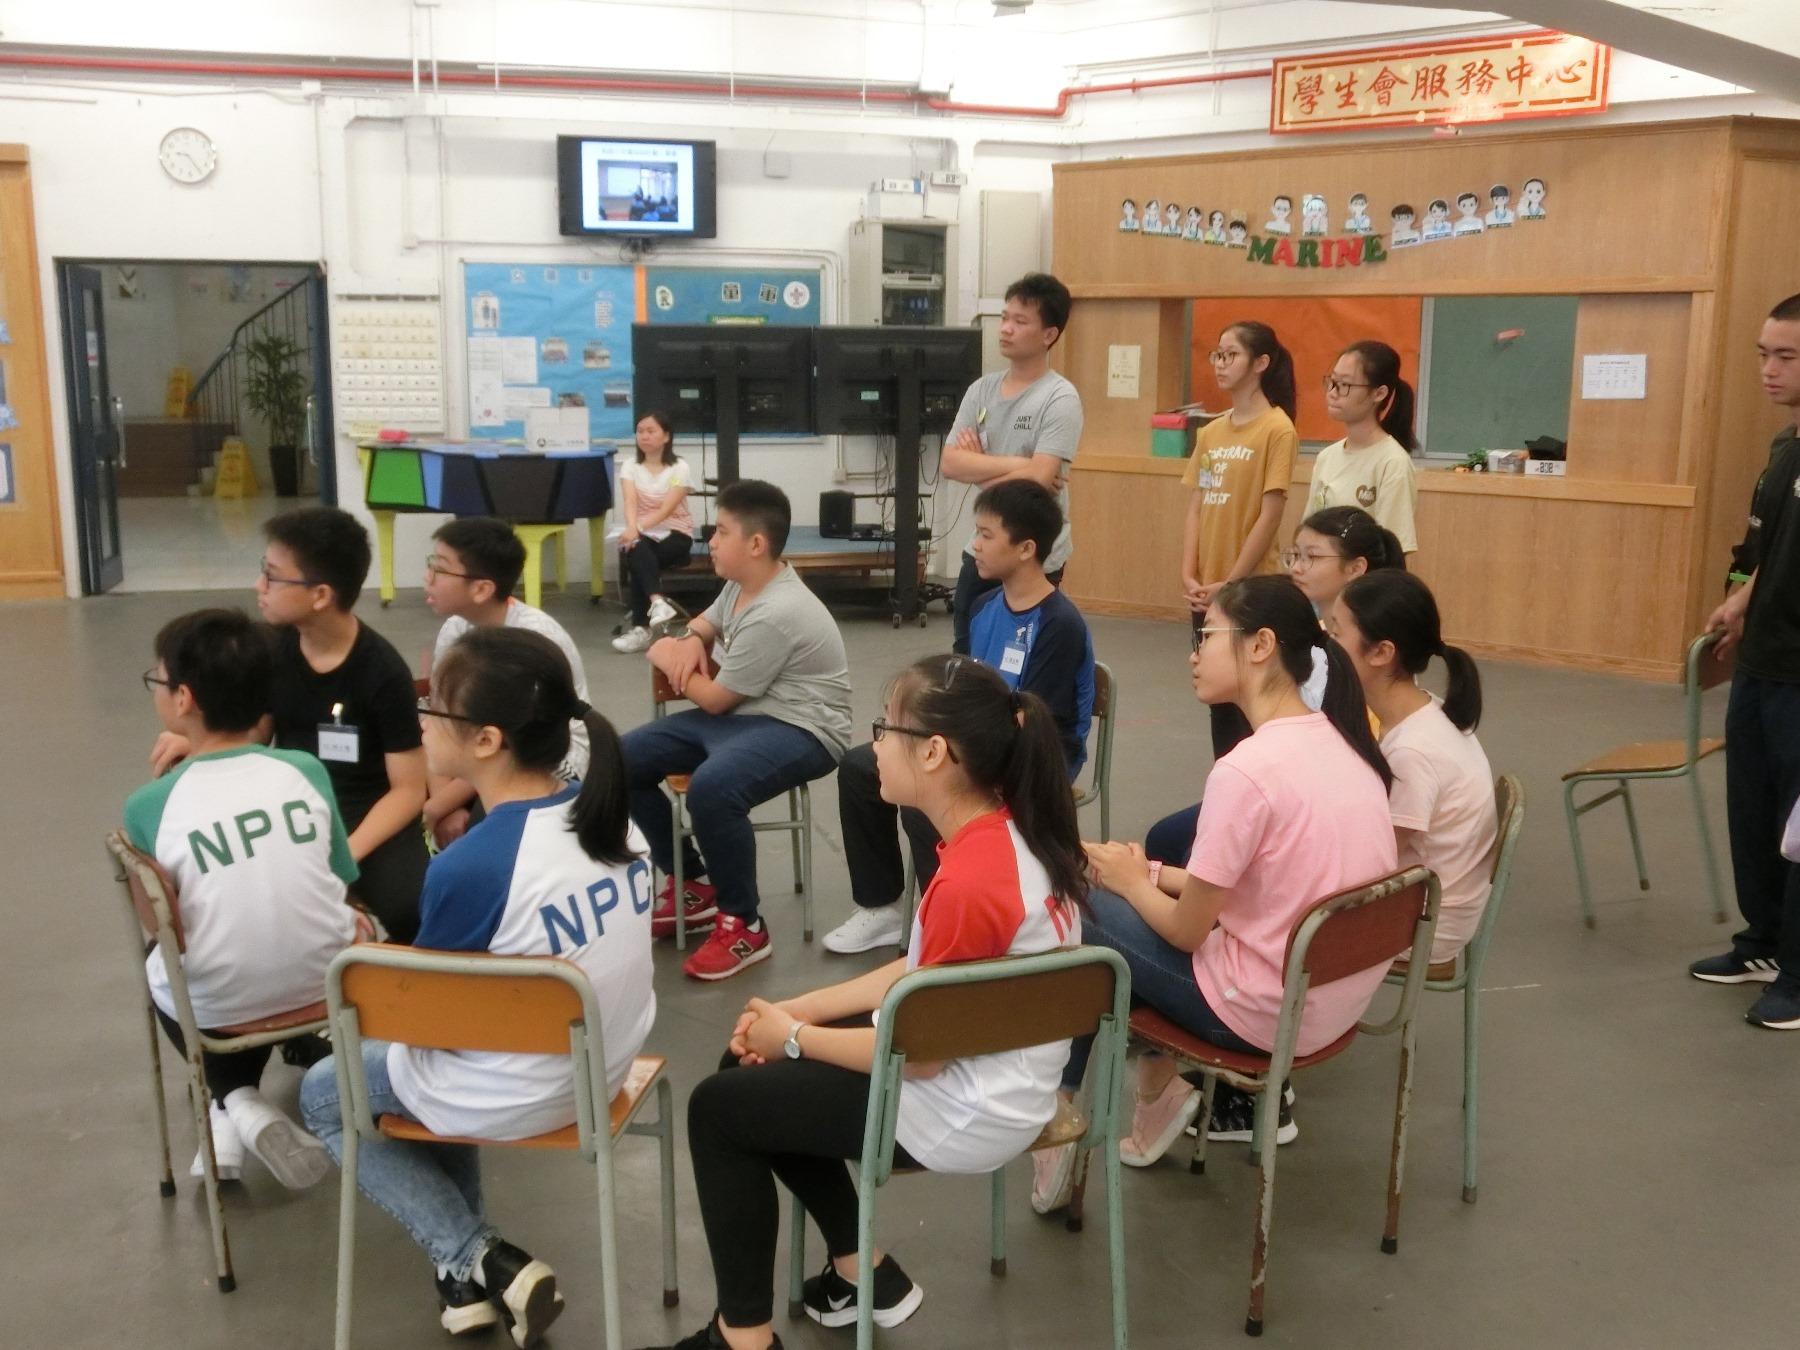 https://www.npc.edu.hk/sites/default/files/1c_yong_bao_tiao_zhan_zai_zhu_bo_07.jpg